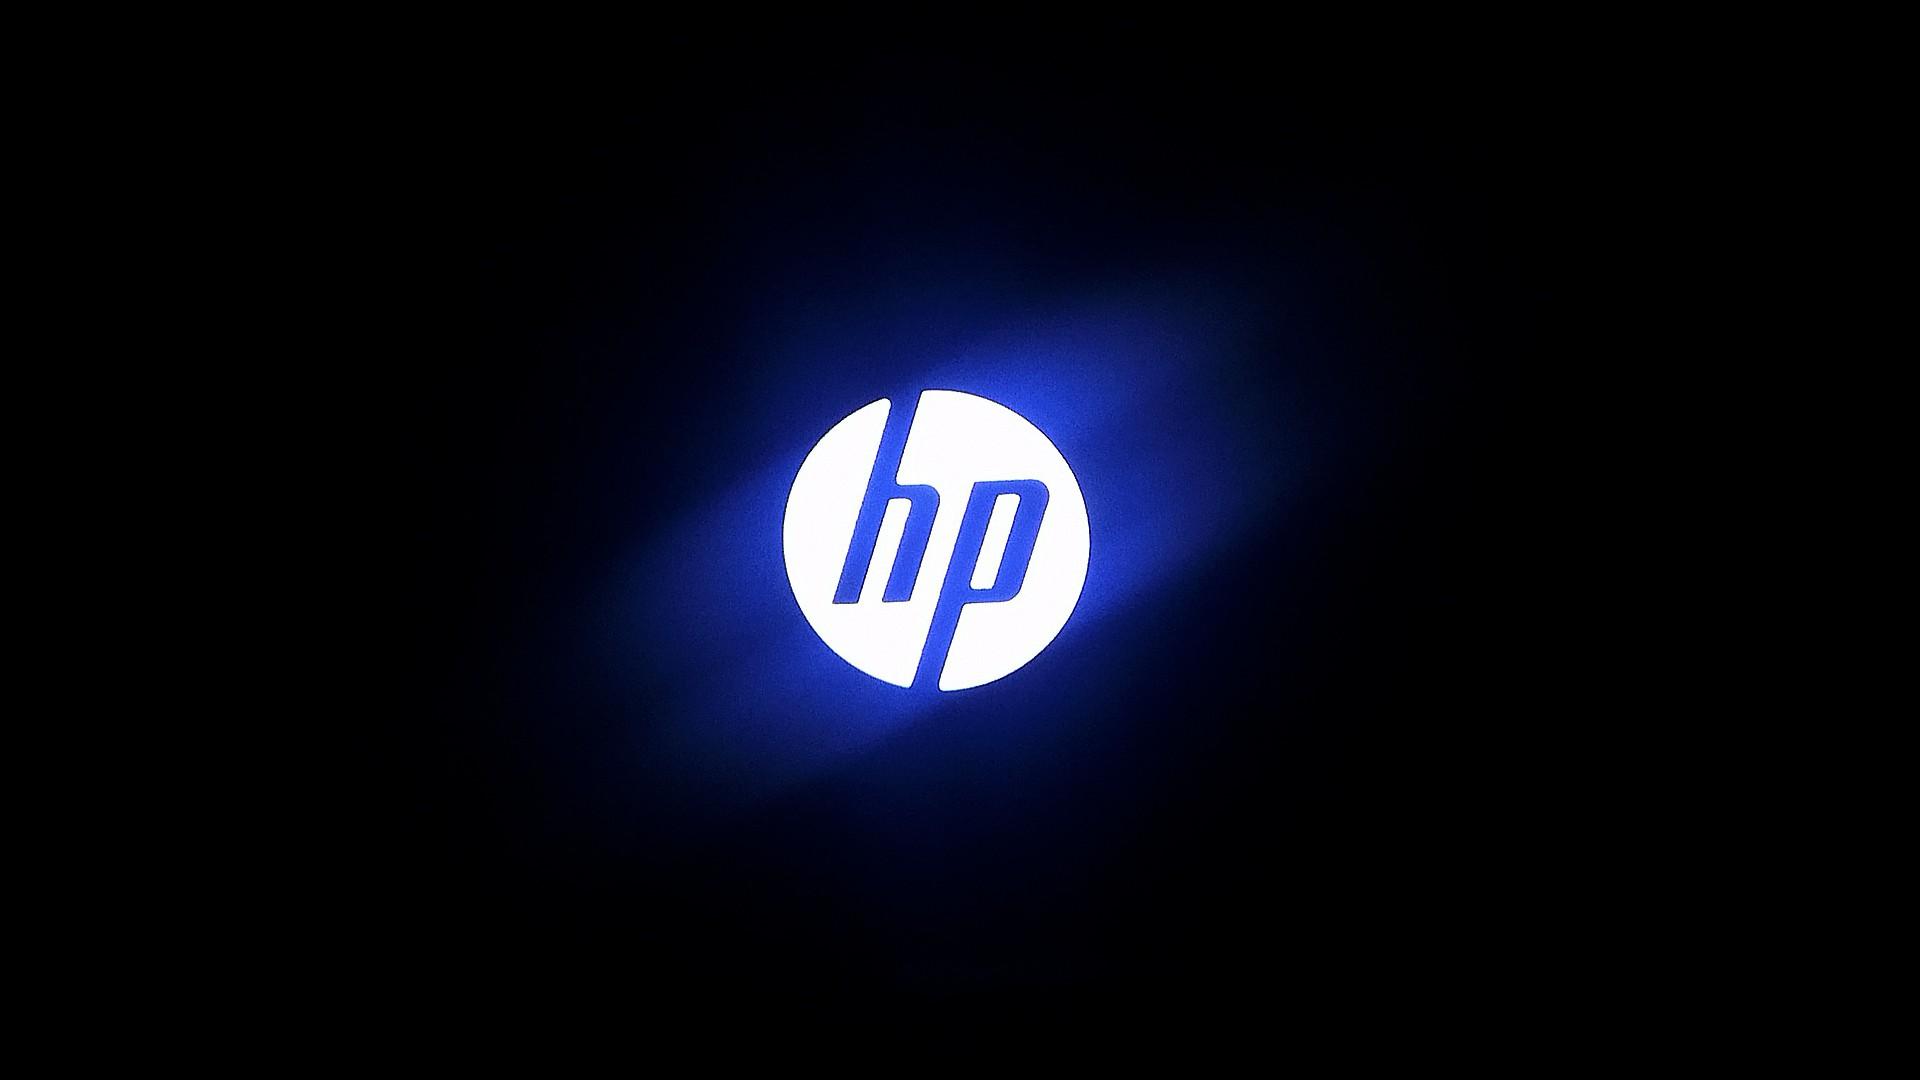 HP-ն տրոհվում է երկու ընկերությունների